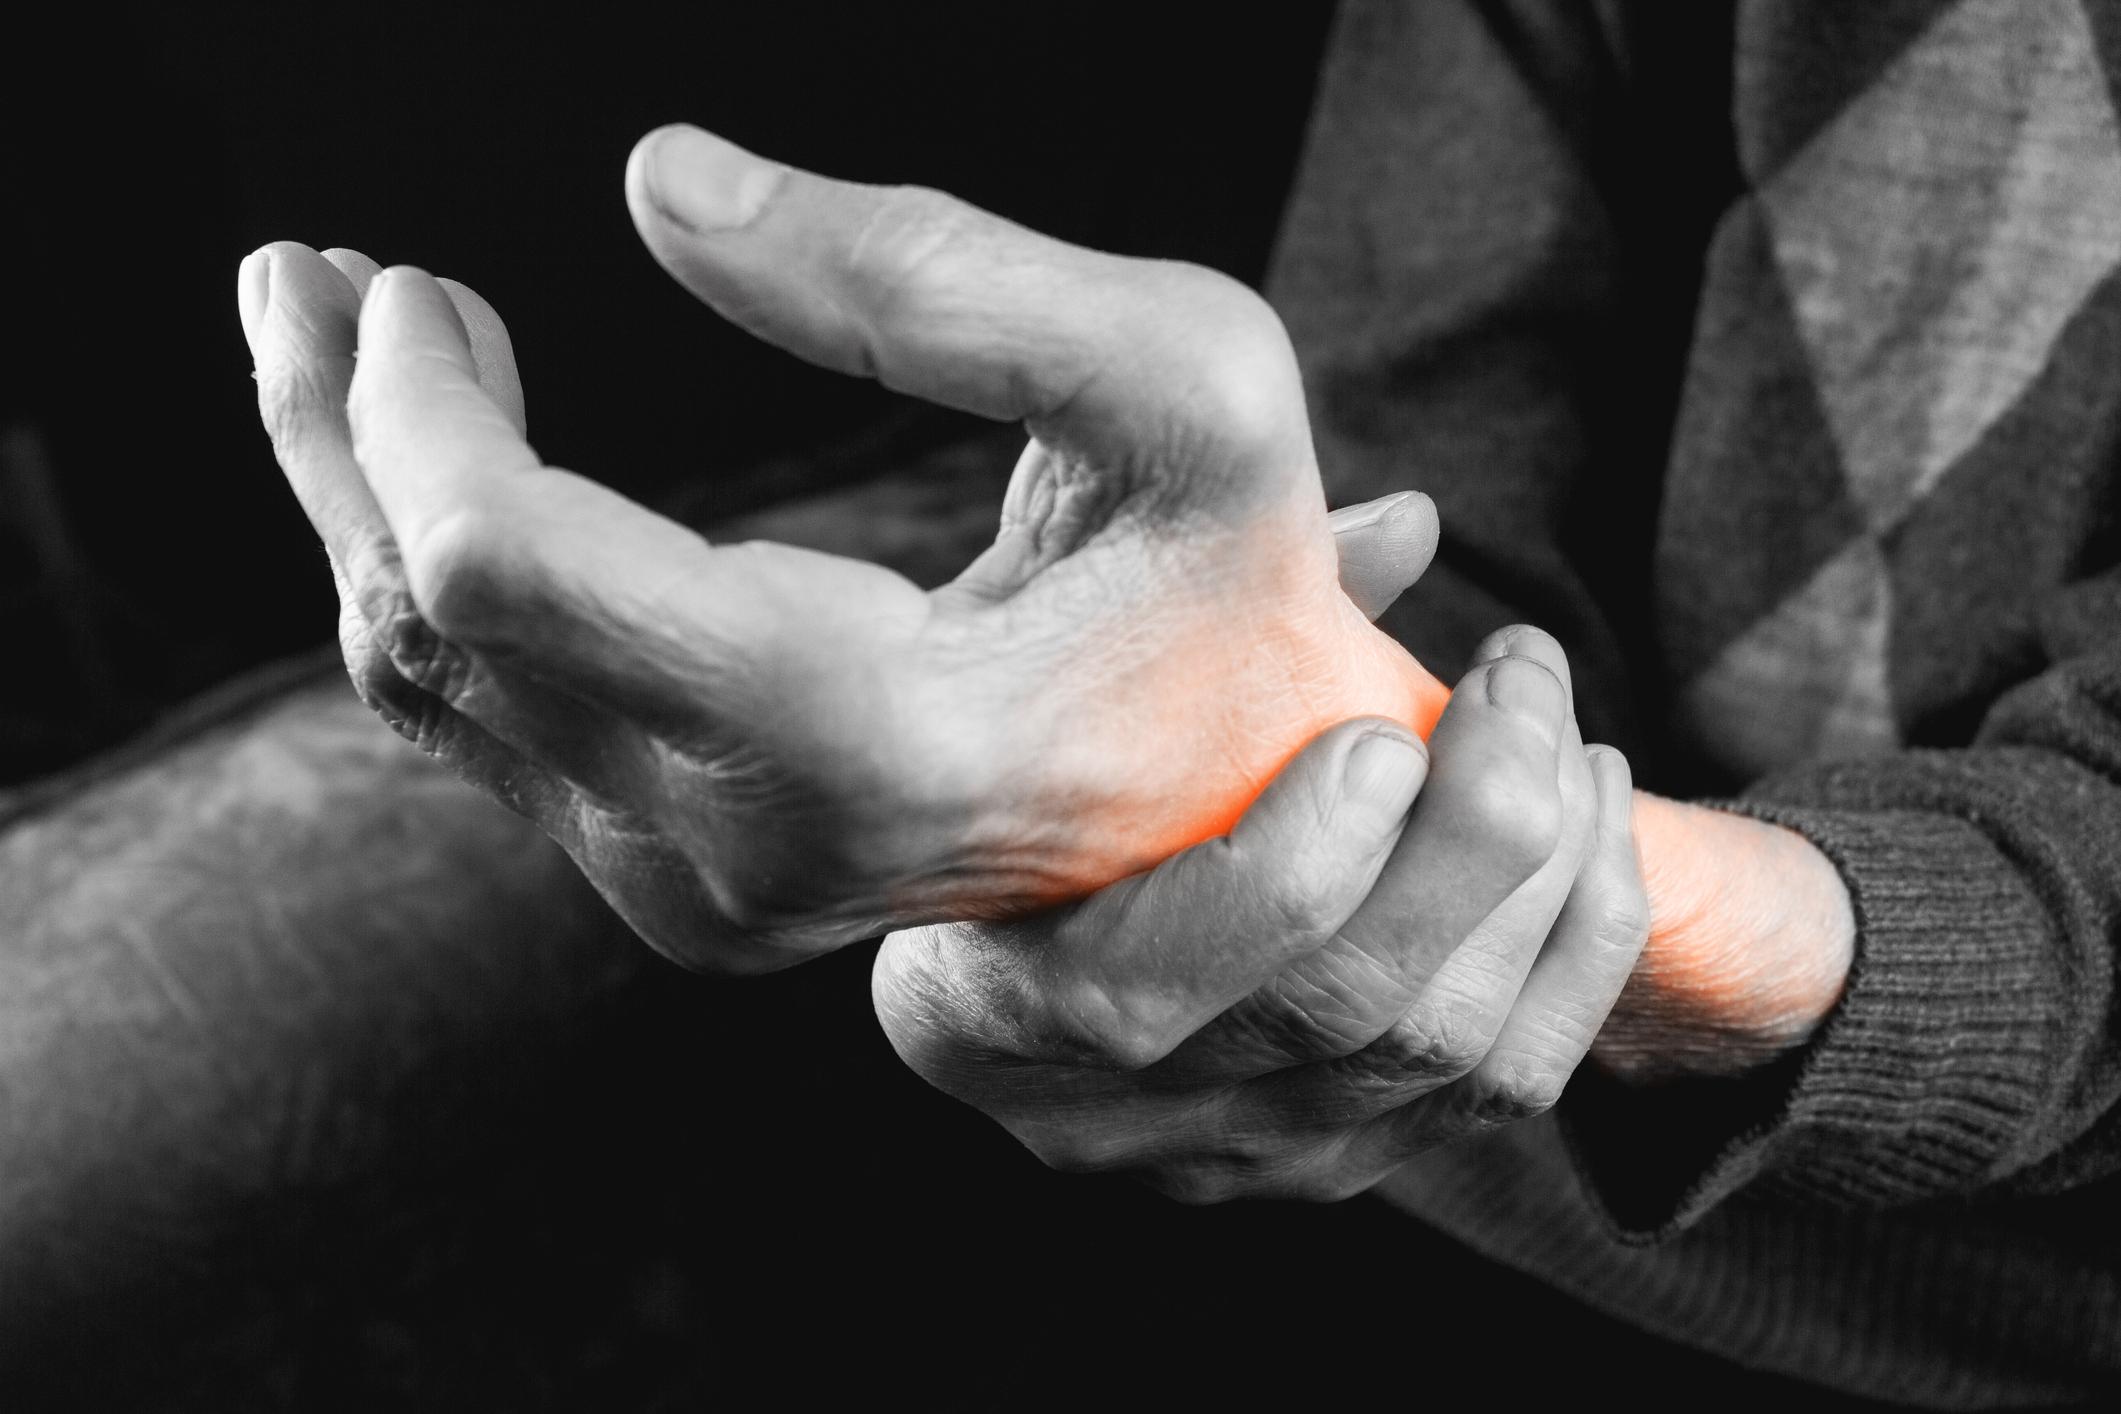 boli ale articulațiilor mâinilor care se tratează